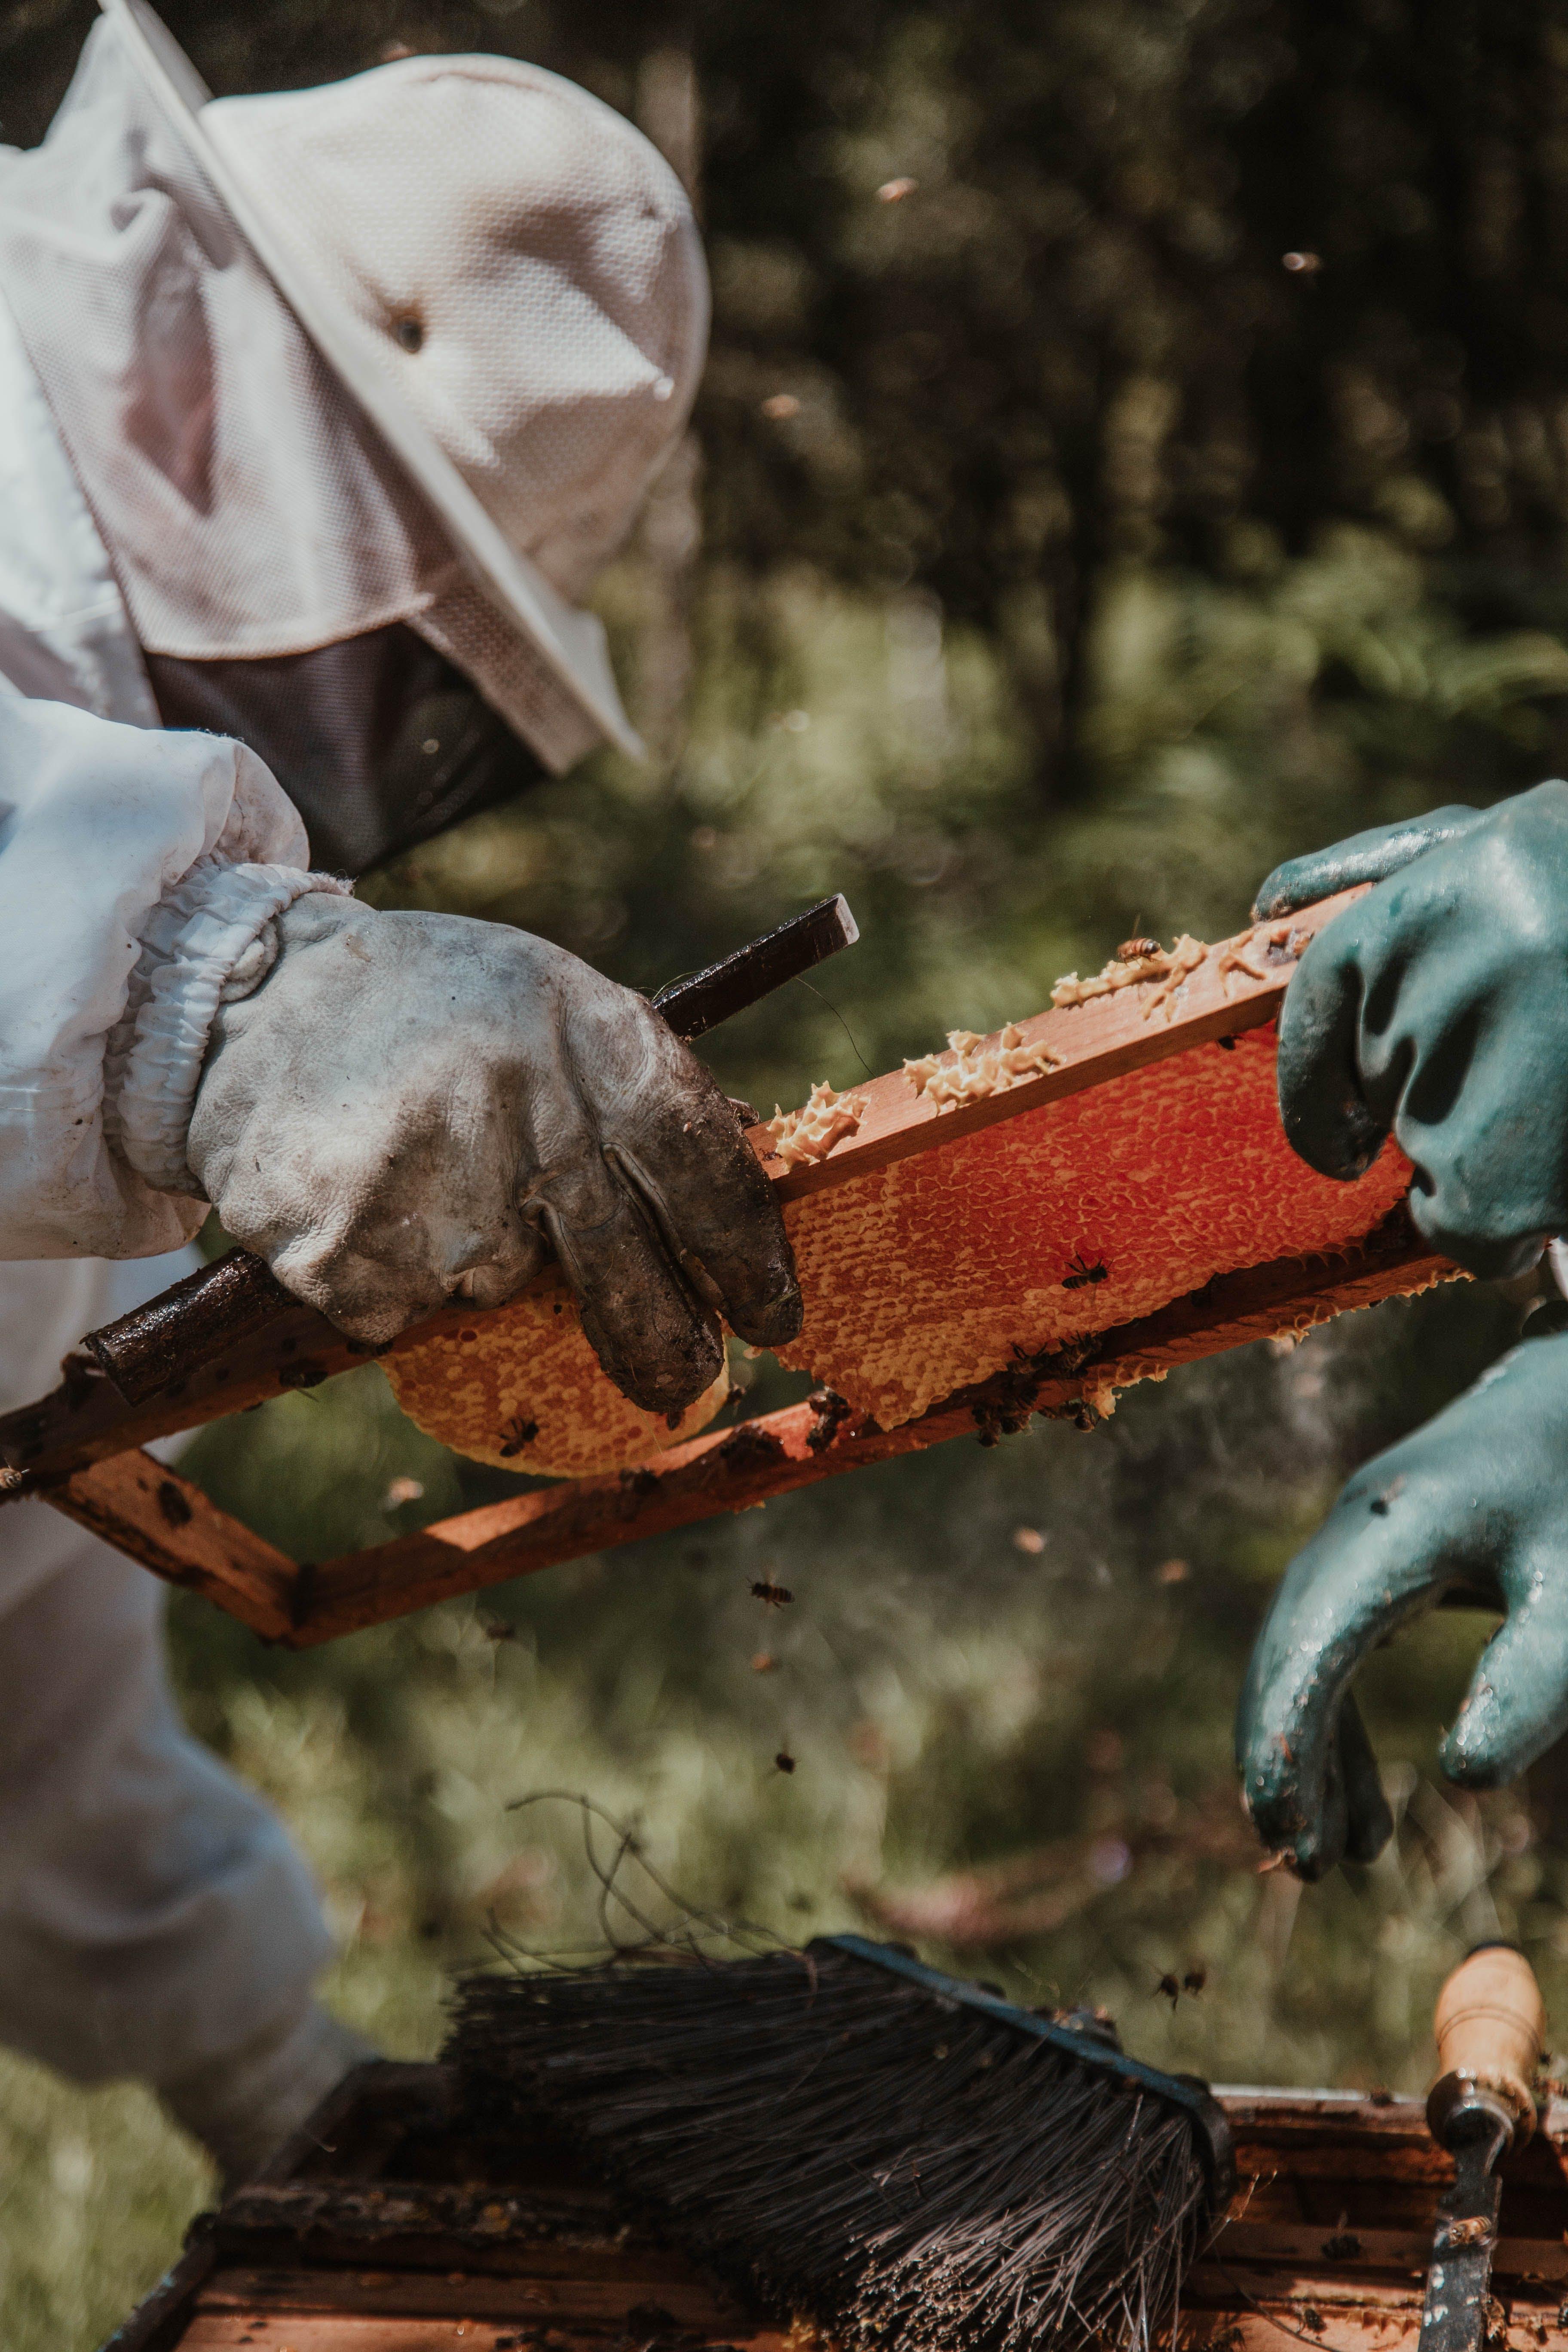 Gratis lagerfoto af arbejde, arbejder, biavl, bier